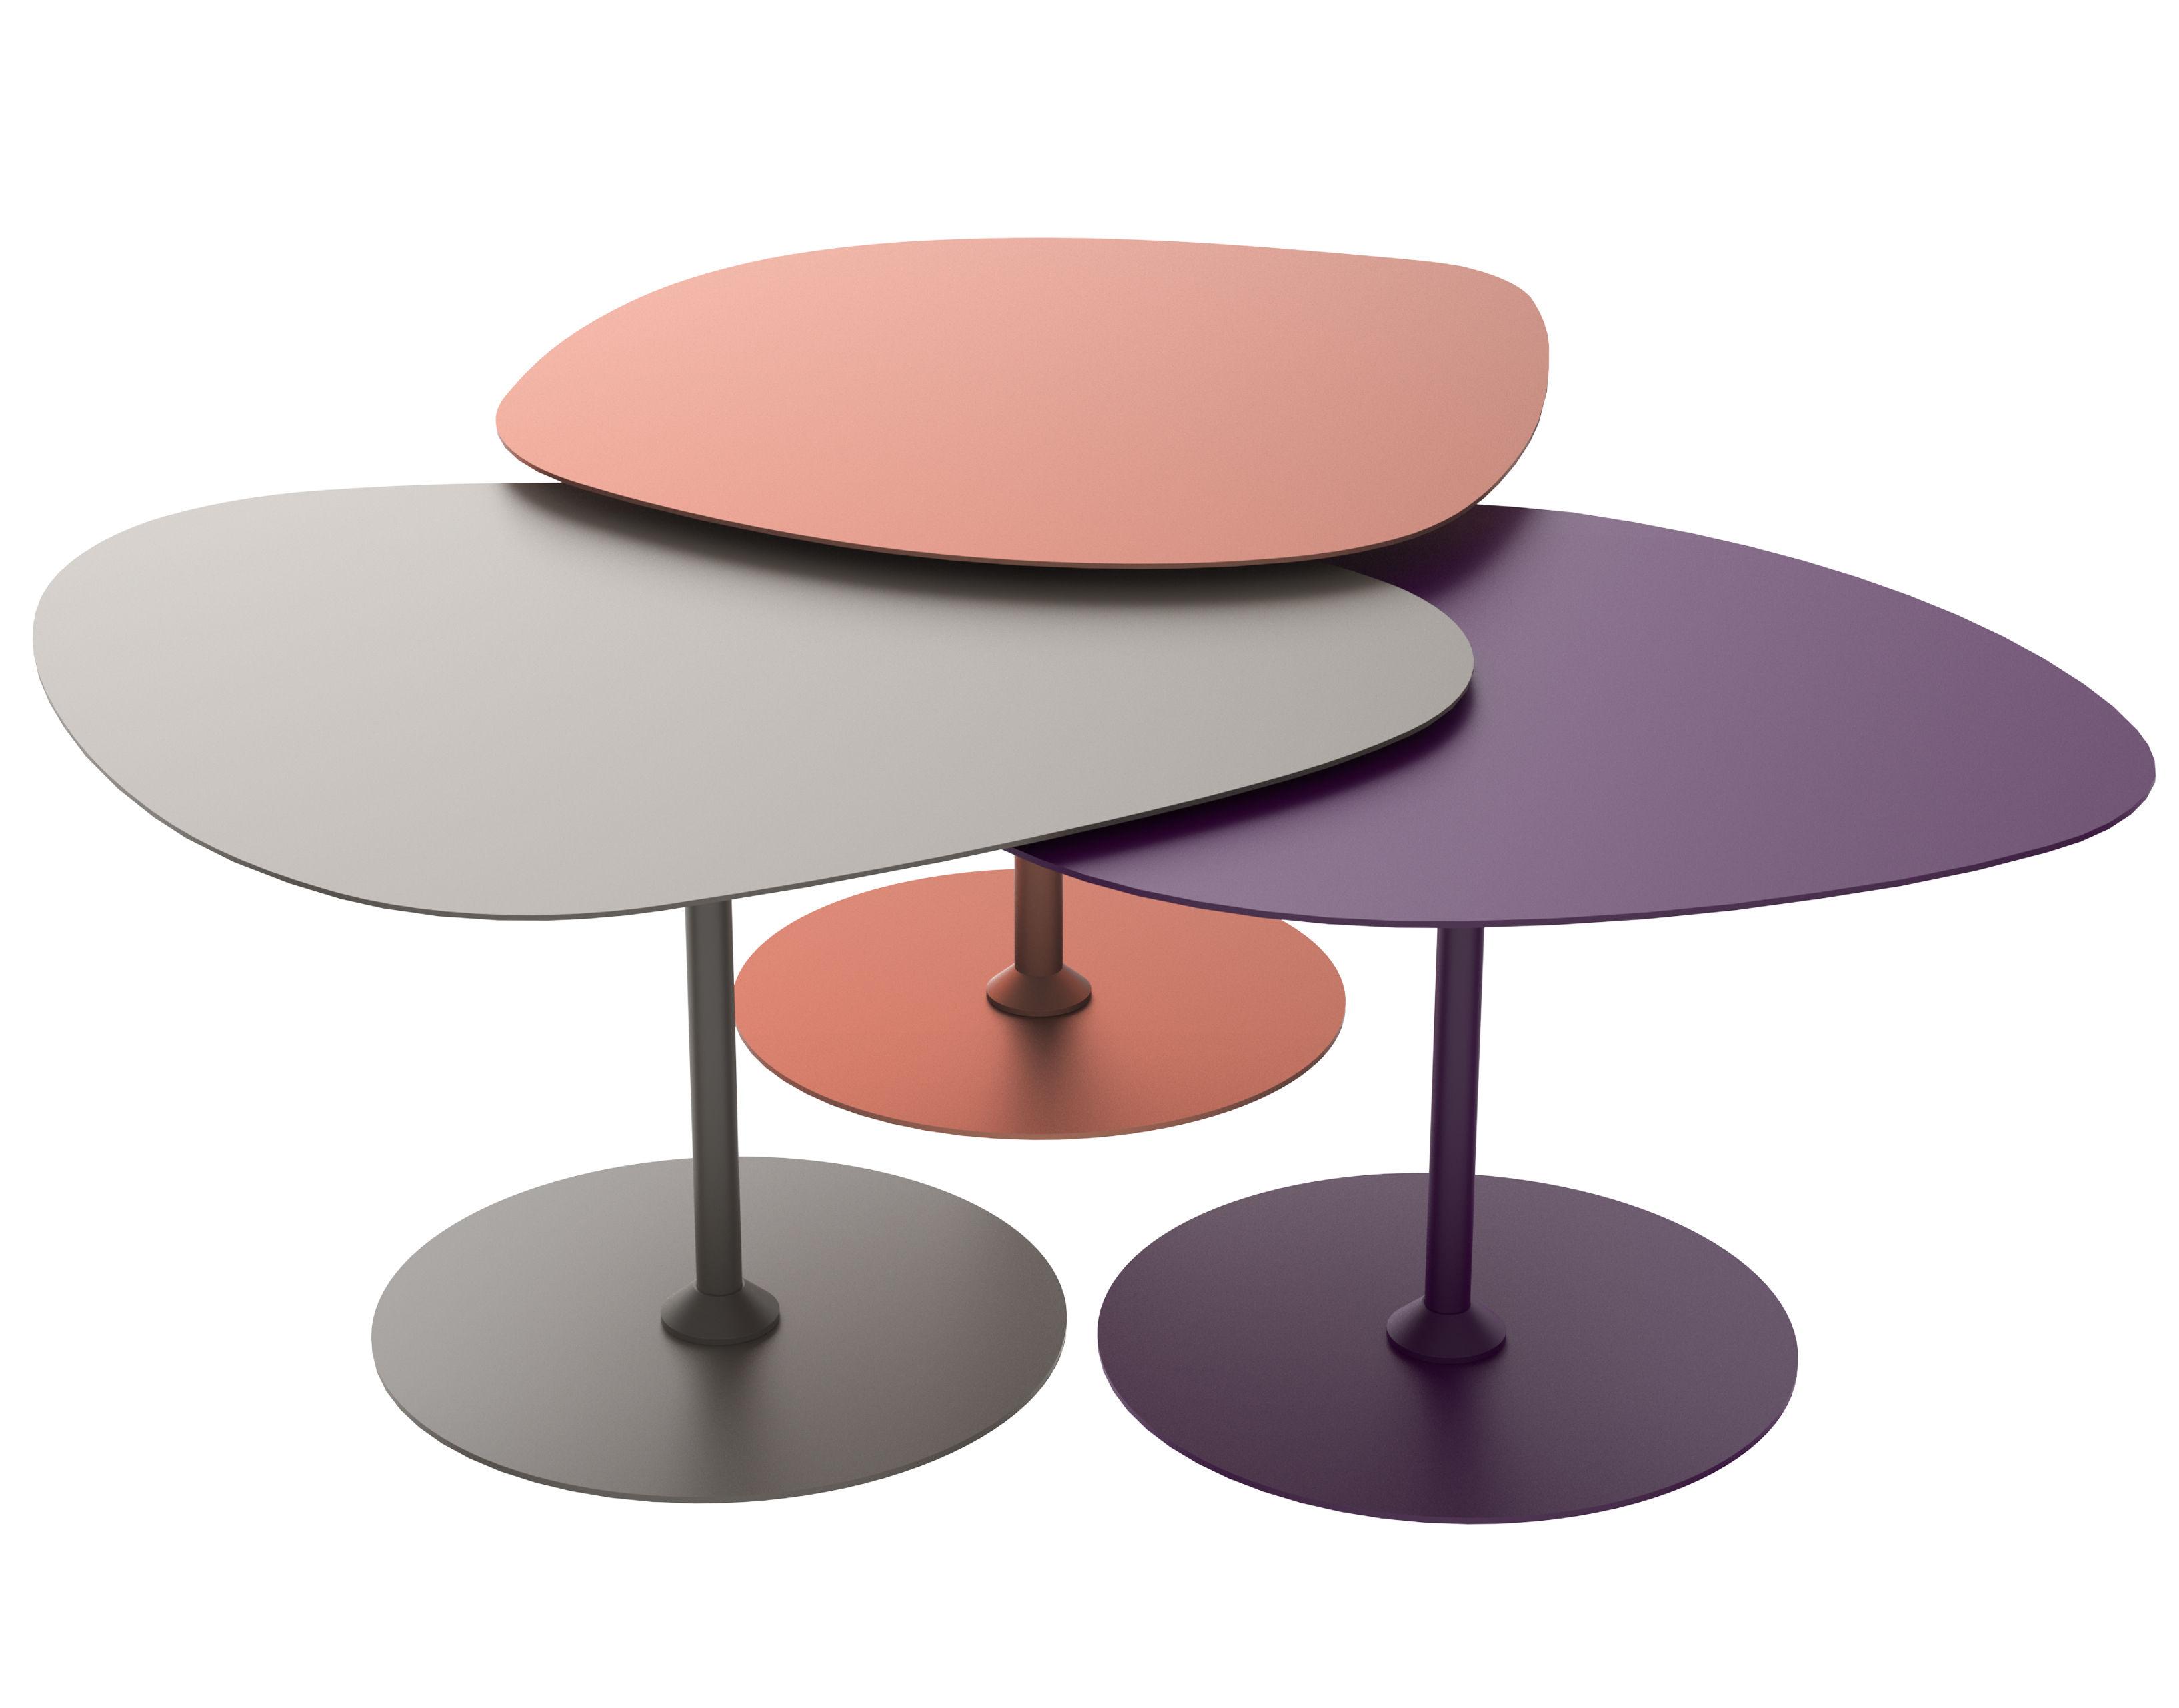 Mobilier - Tables basses - Tables gigognes 3 Galets Outdoor / Set de  3 - Matière Grise - Cuivre, Taupe, Aubergine - Aluminium peint